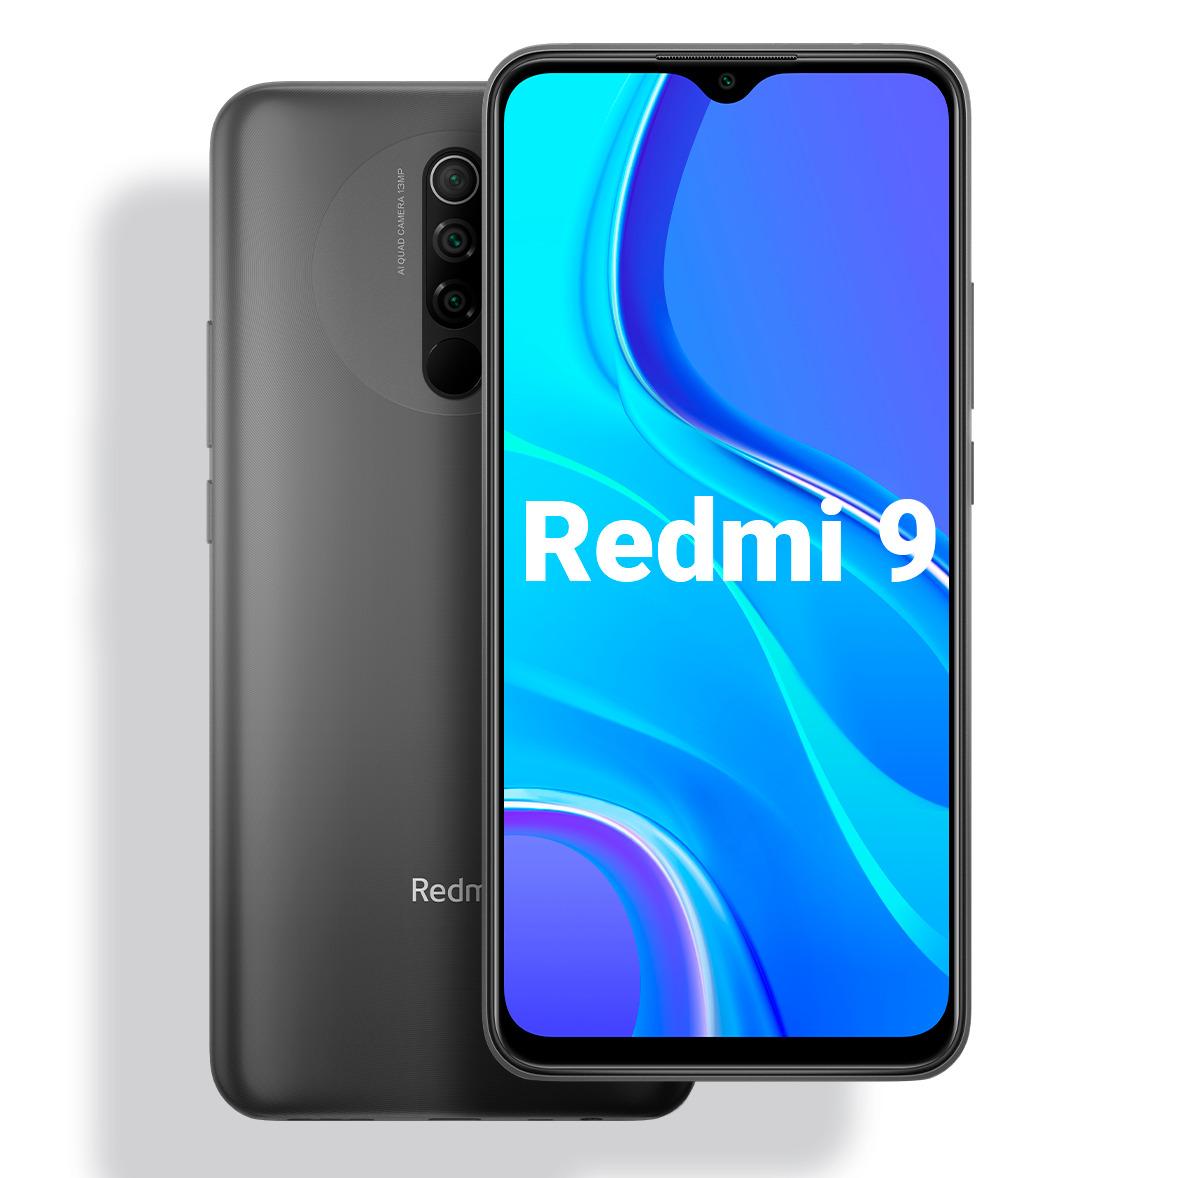 смартфон xiaomi redmi 9  4/64gb, carbon grey. уцененный товар